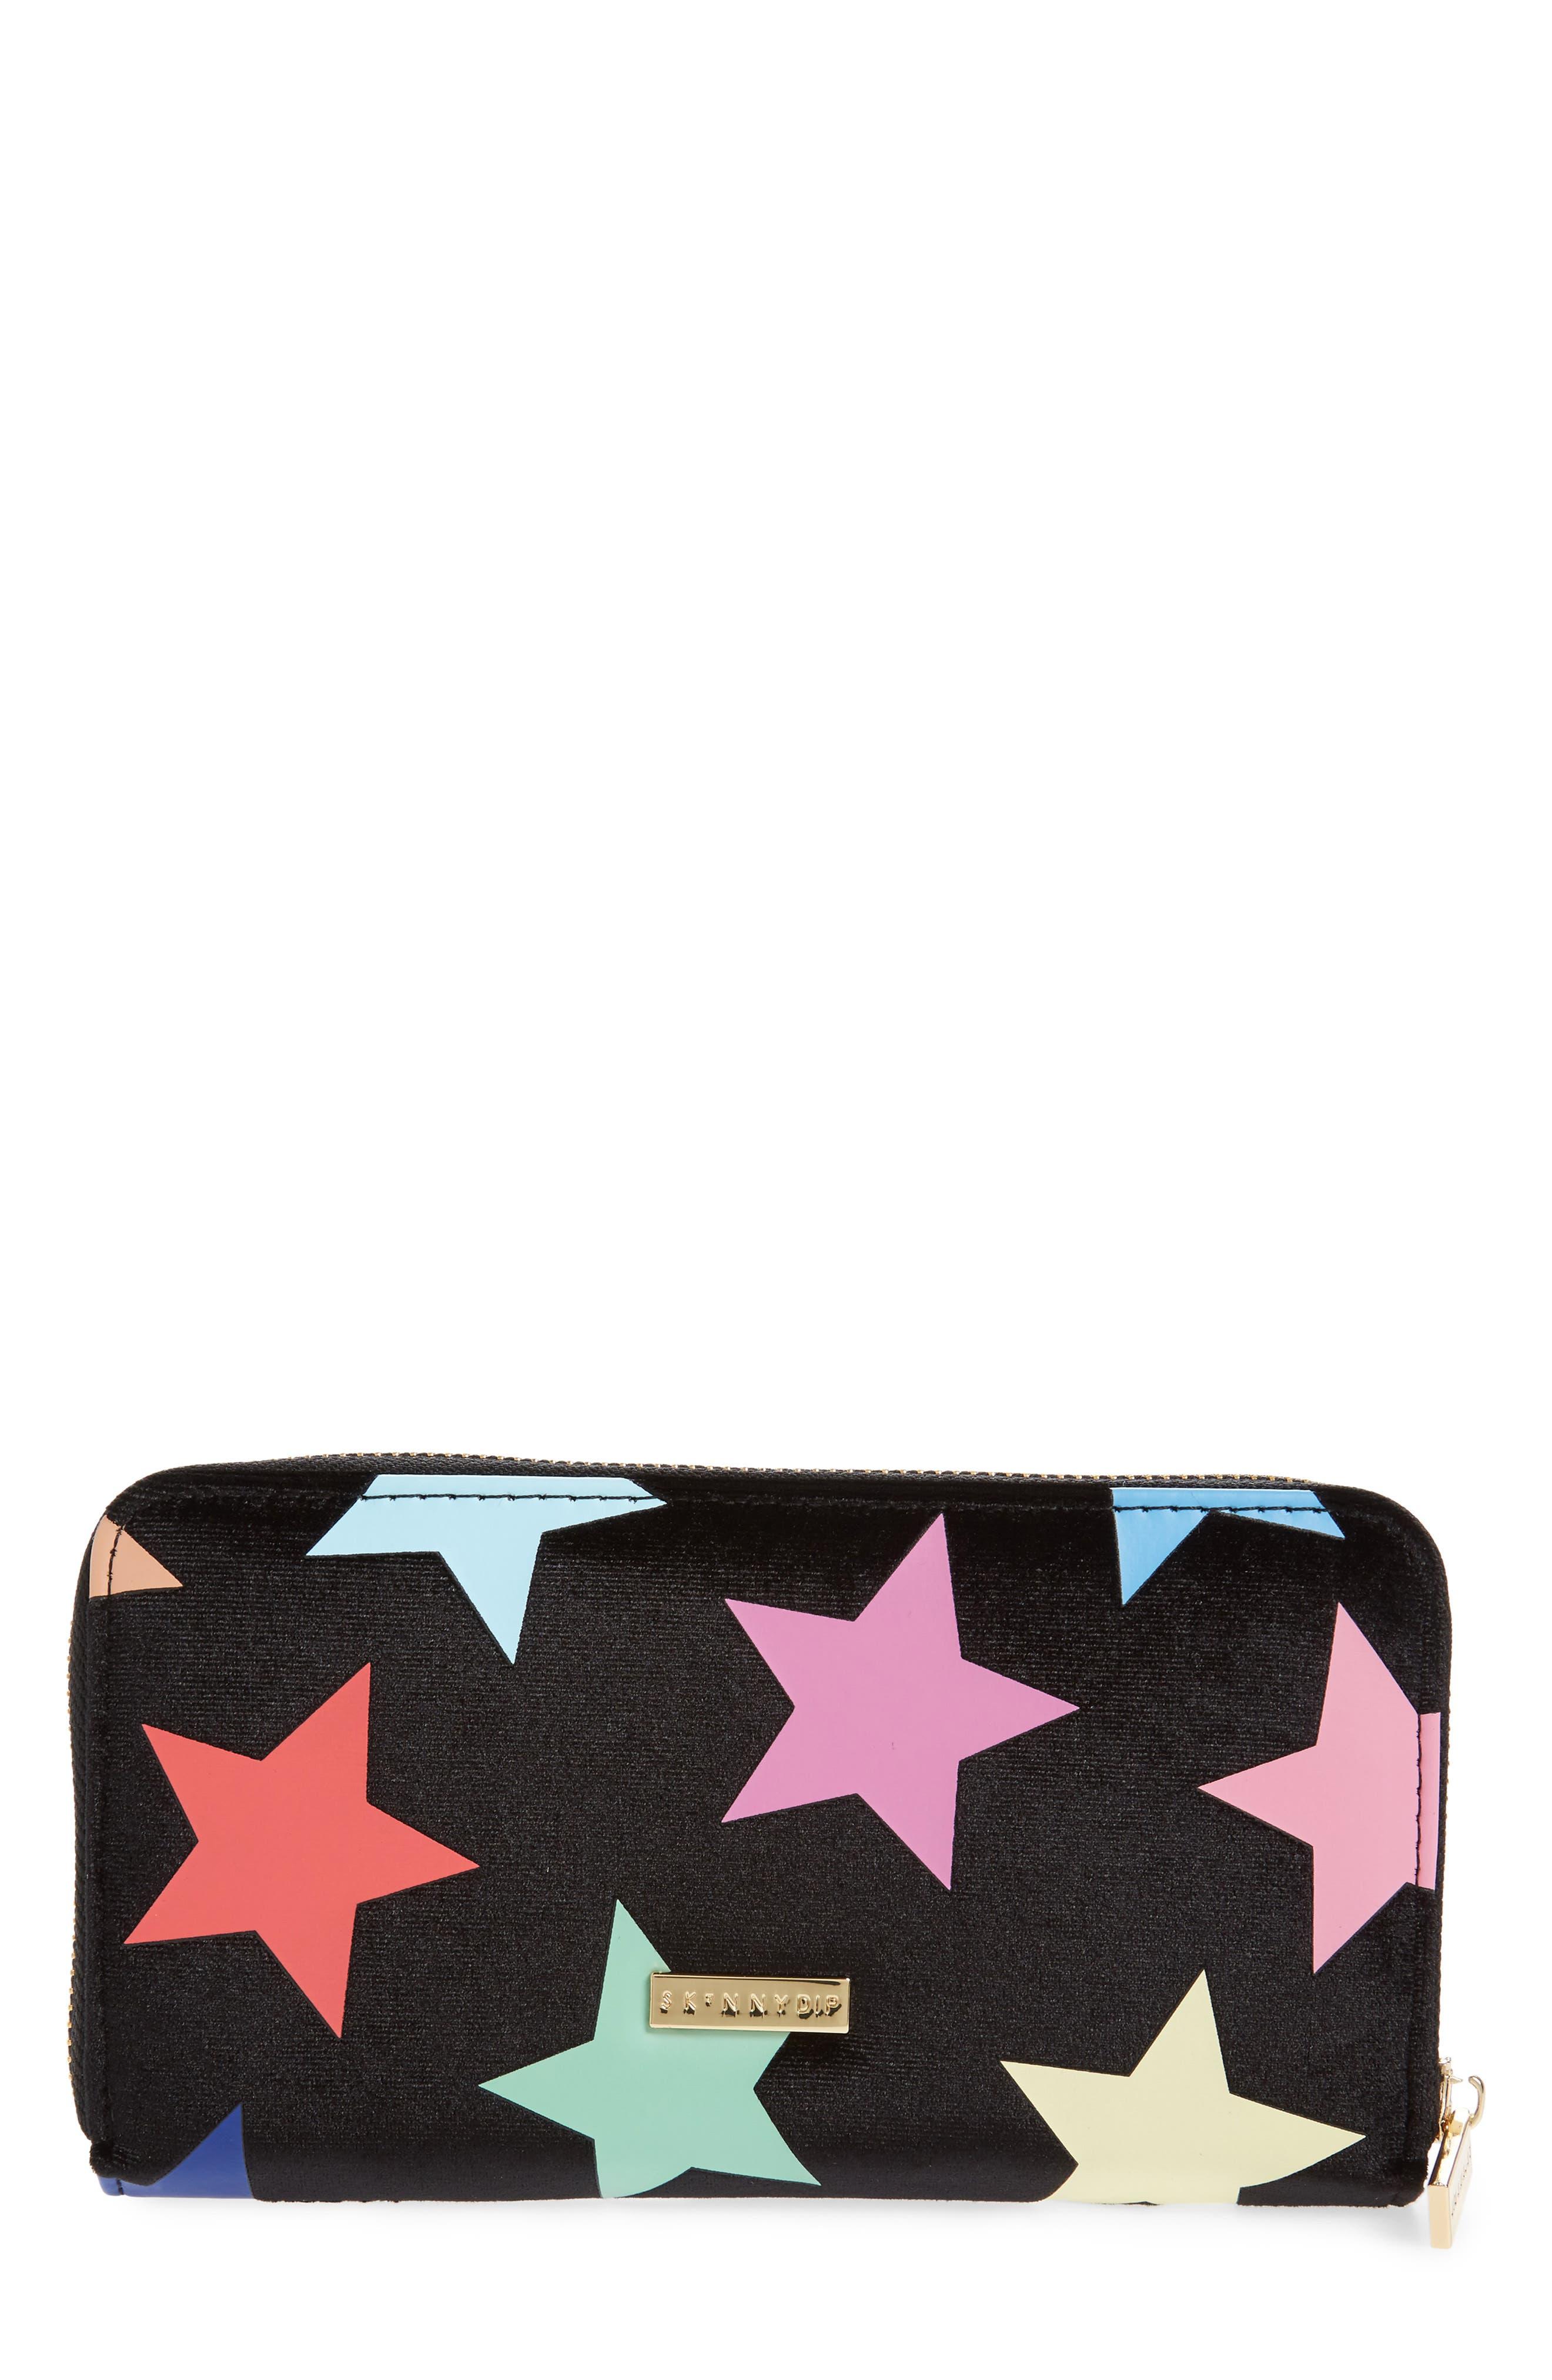 Skinnydip Starburst Wallet